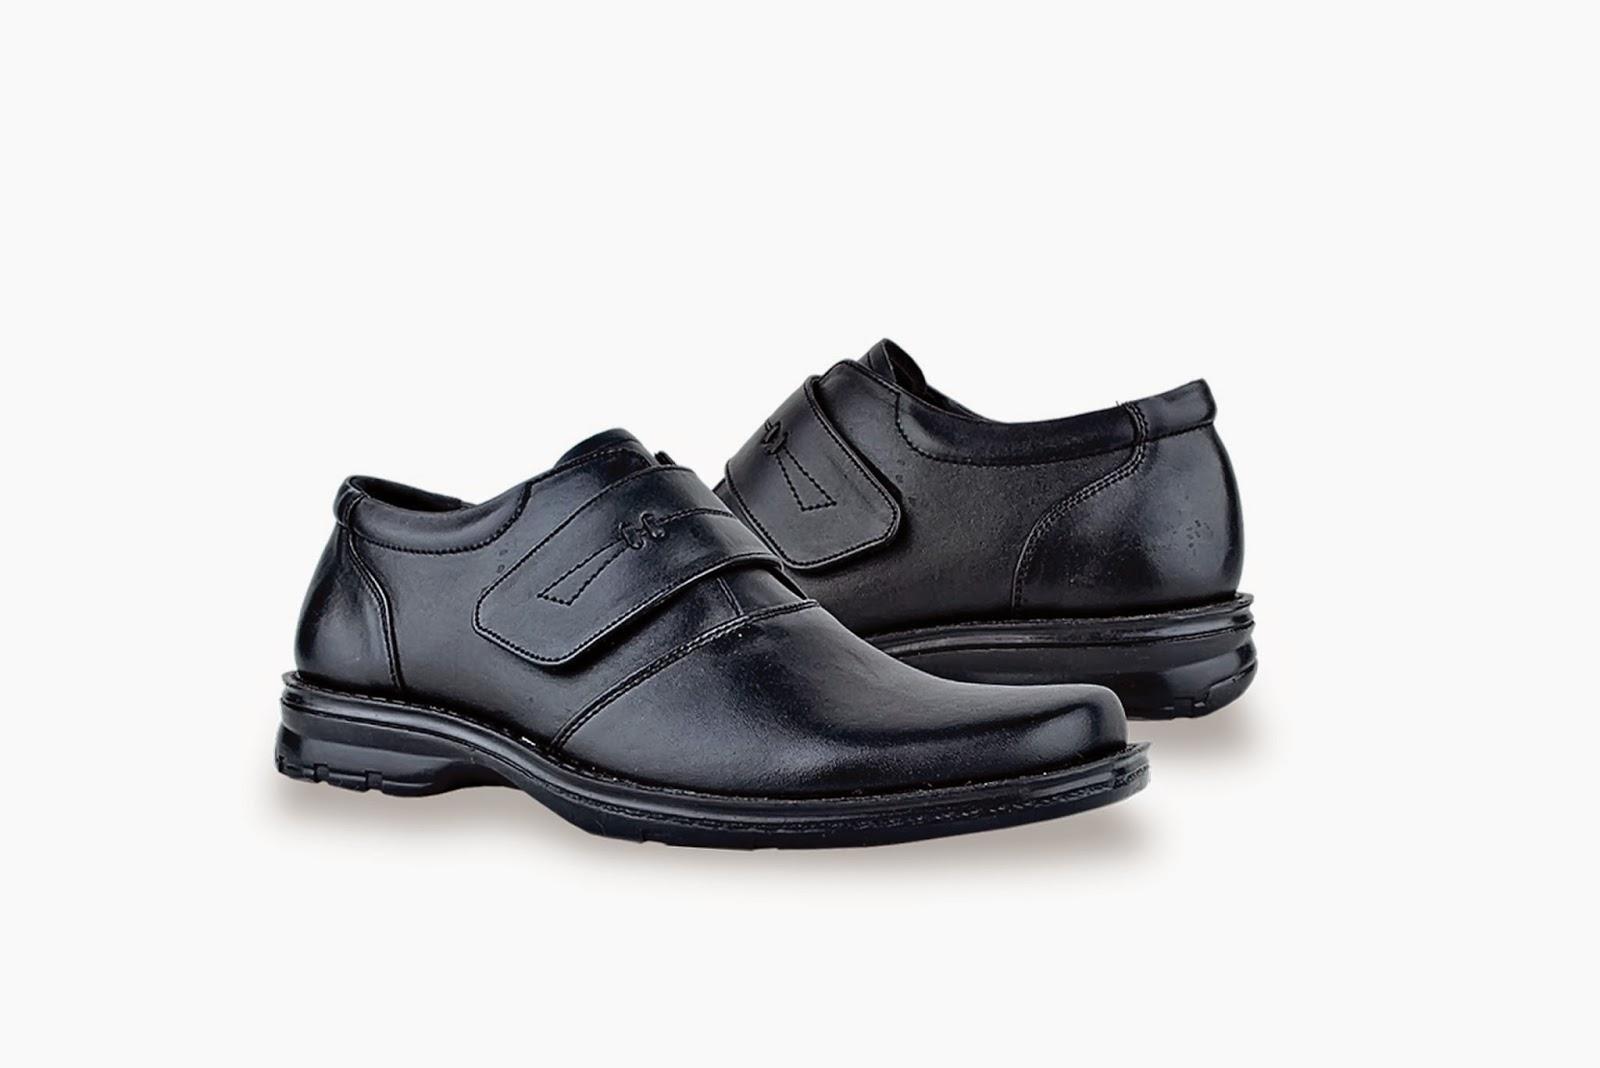 Sepatu Kerja Pria Terbaru 2014, Jual Sepatu Kerja Pria Terbaru 2014, Sepatu Kerja Pria Terbaru 2014 Harga Murah, Sepatu Kerja Pria Terbaru 2014 Online